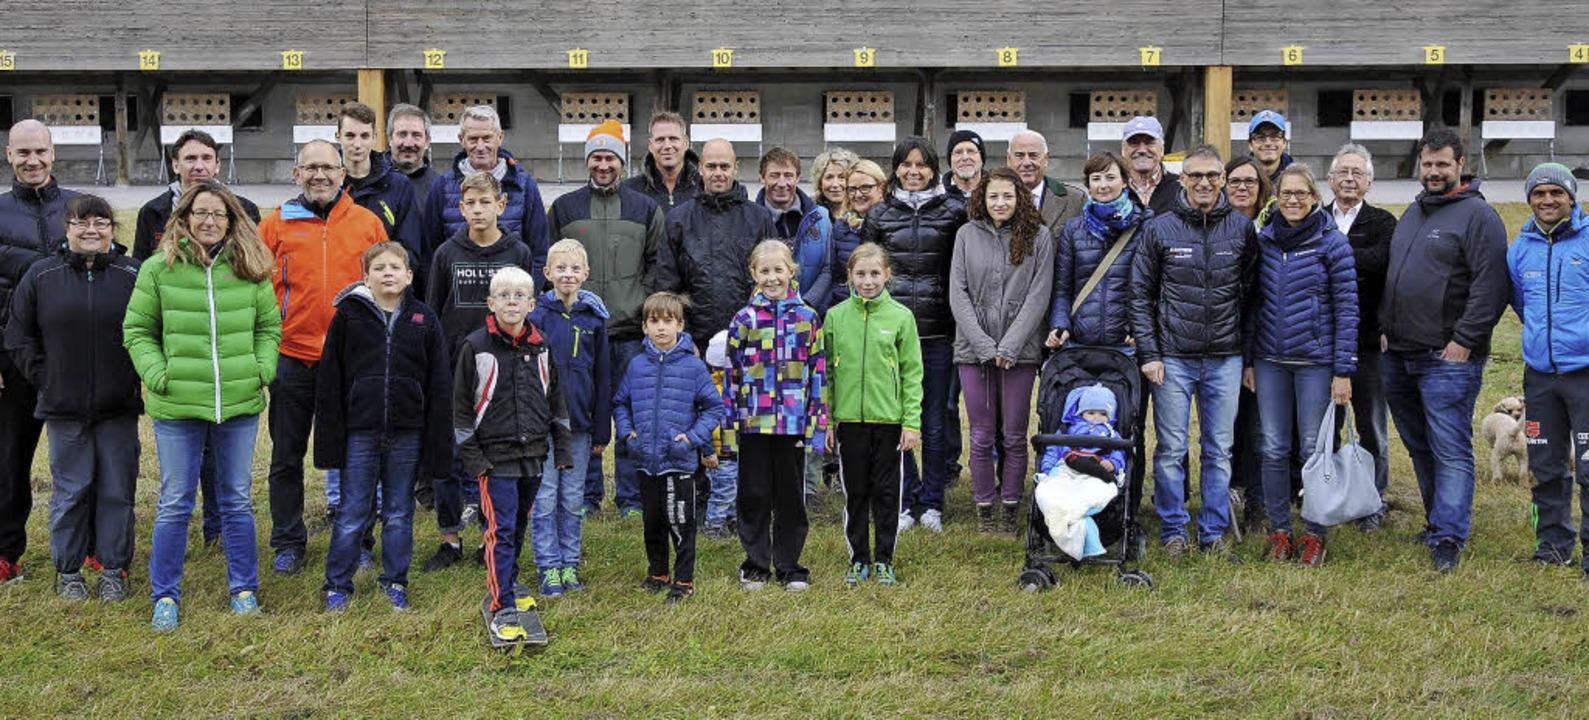 Die Sportstiftung Südbaden dankte den Stiftern auf der Biathlonanlage Notschrei.  | Foto: Sportstiftung Südbaden